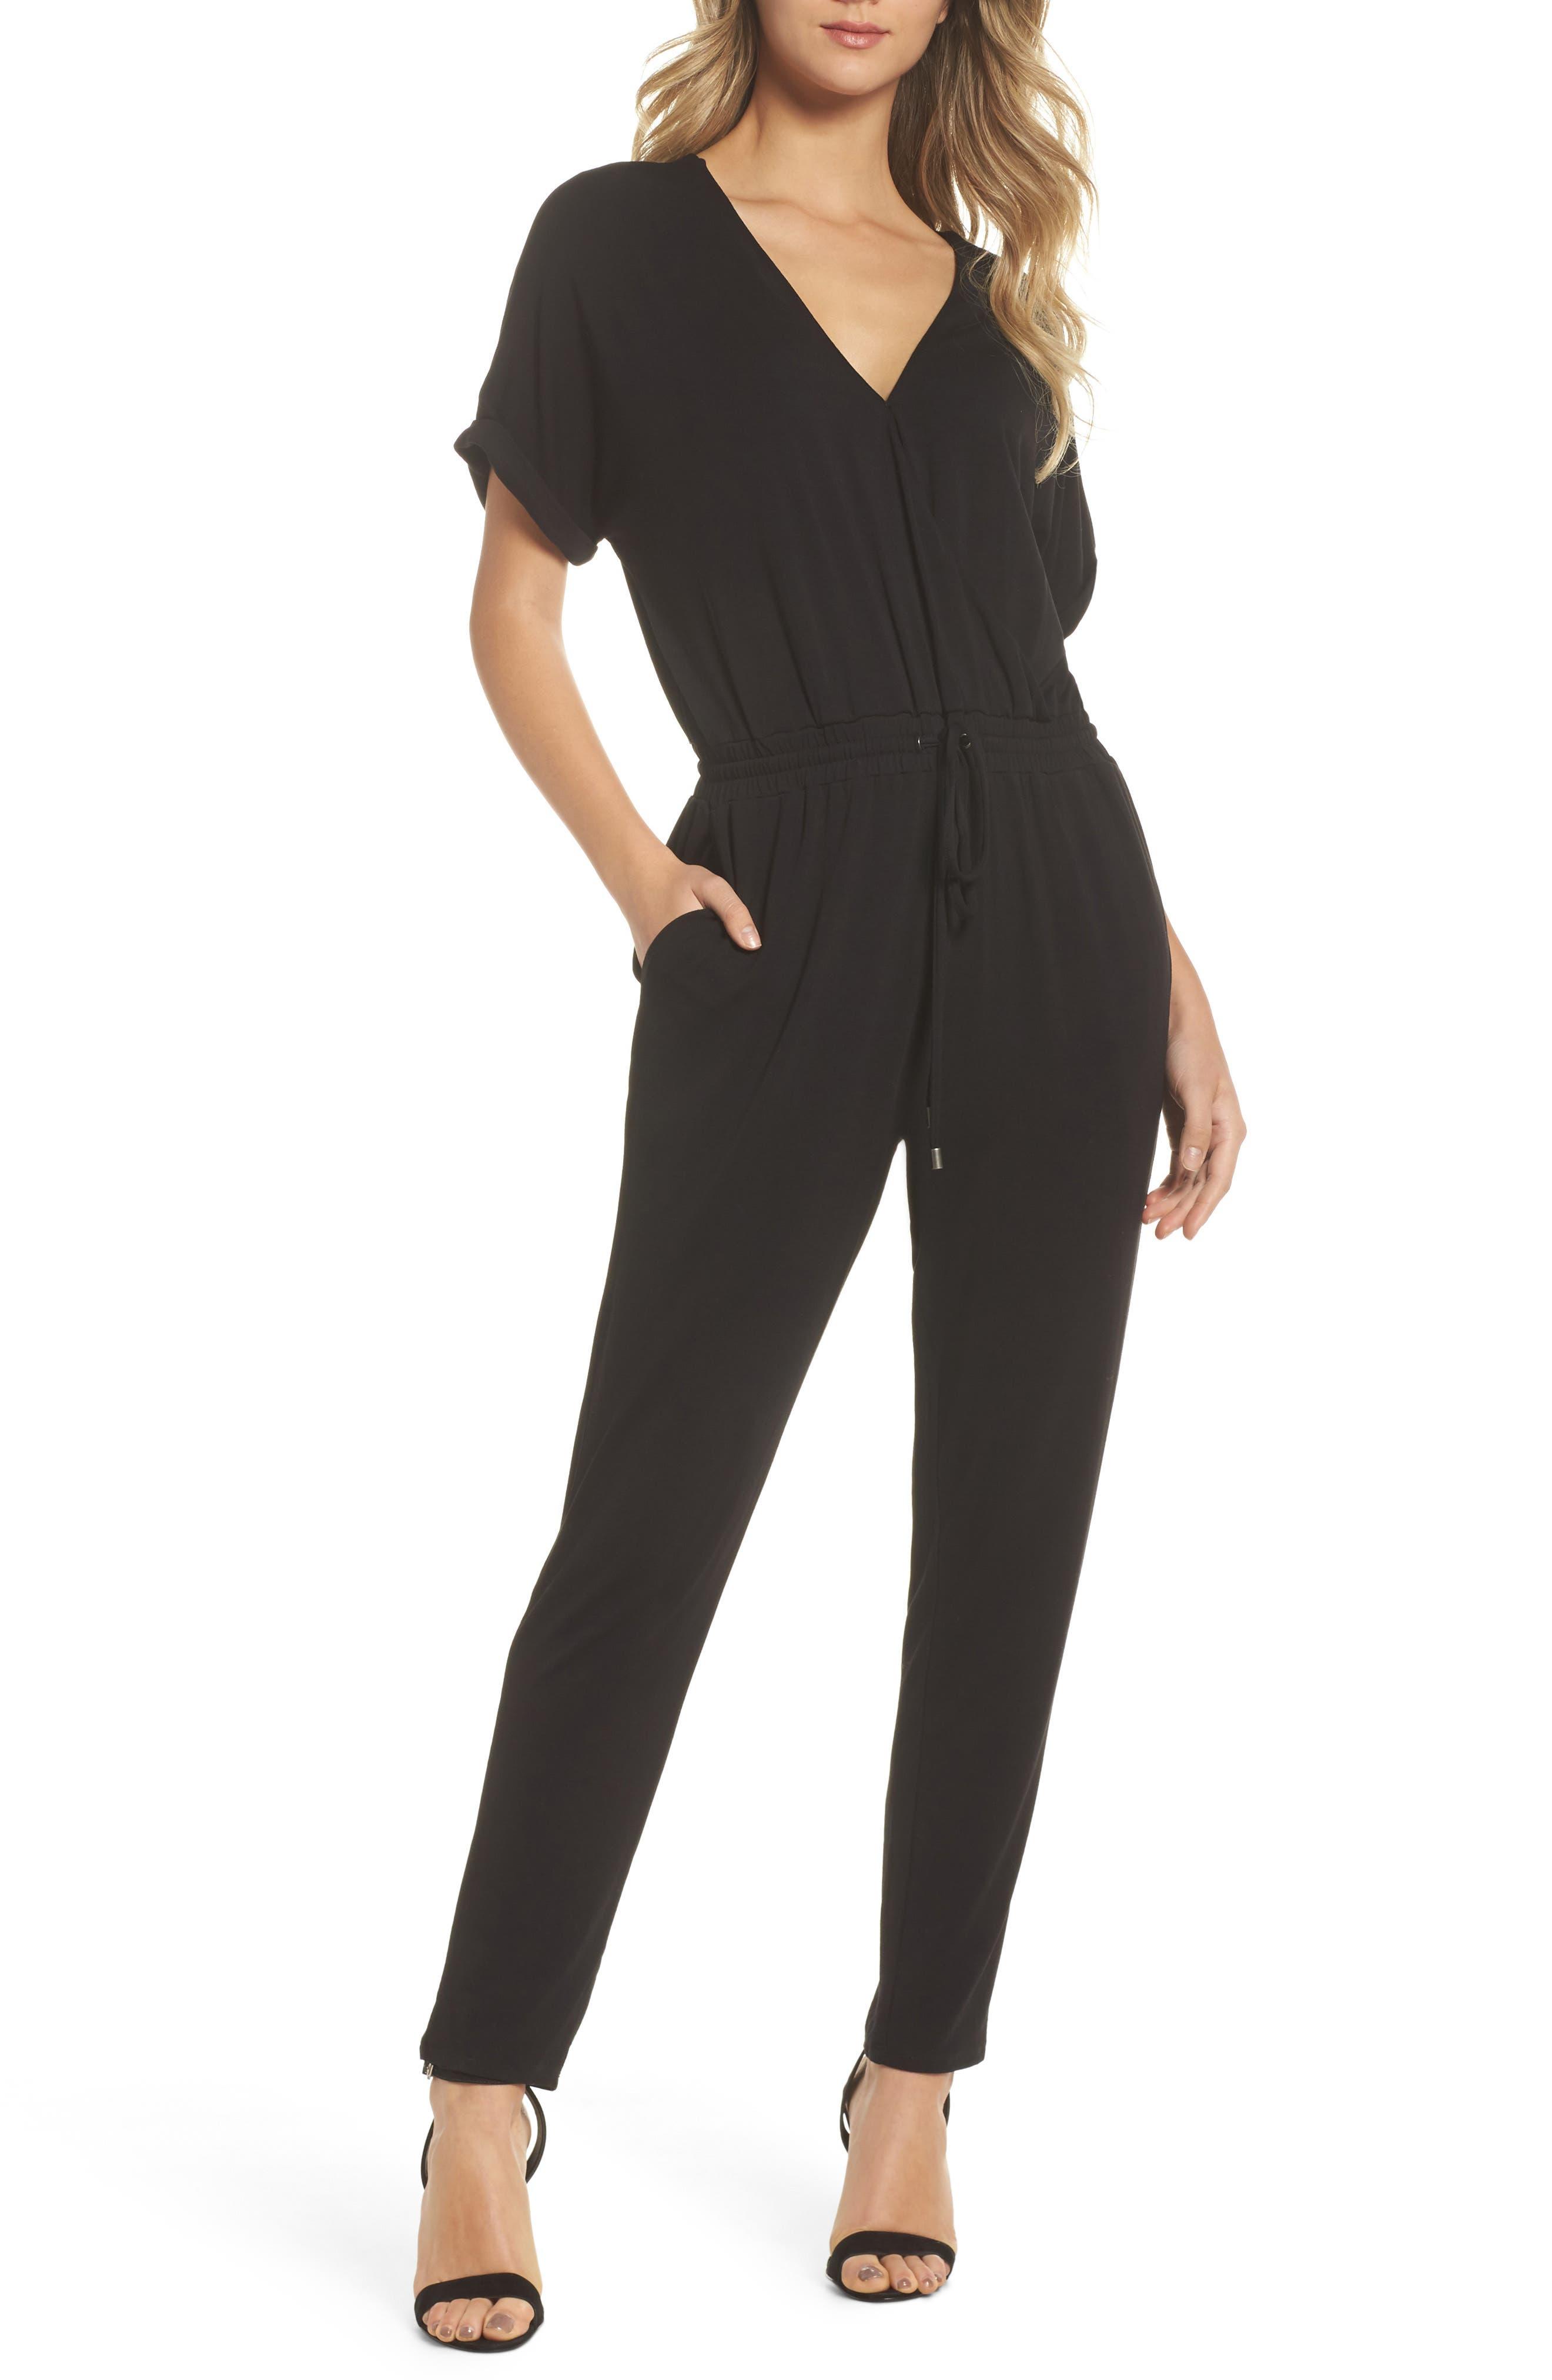 Rocco Jumpsuit,                         Main,                         color, Black